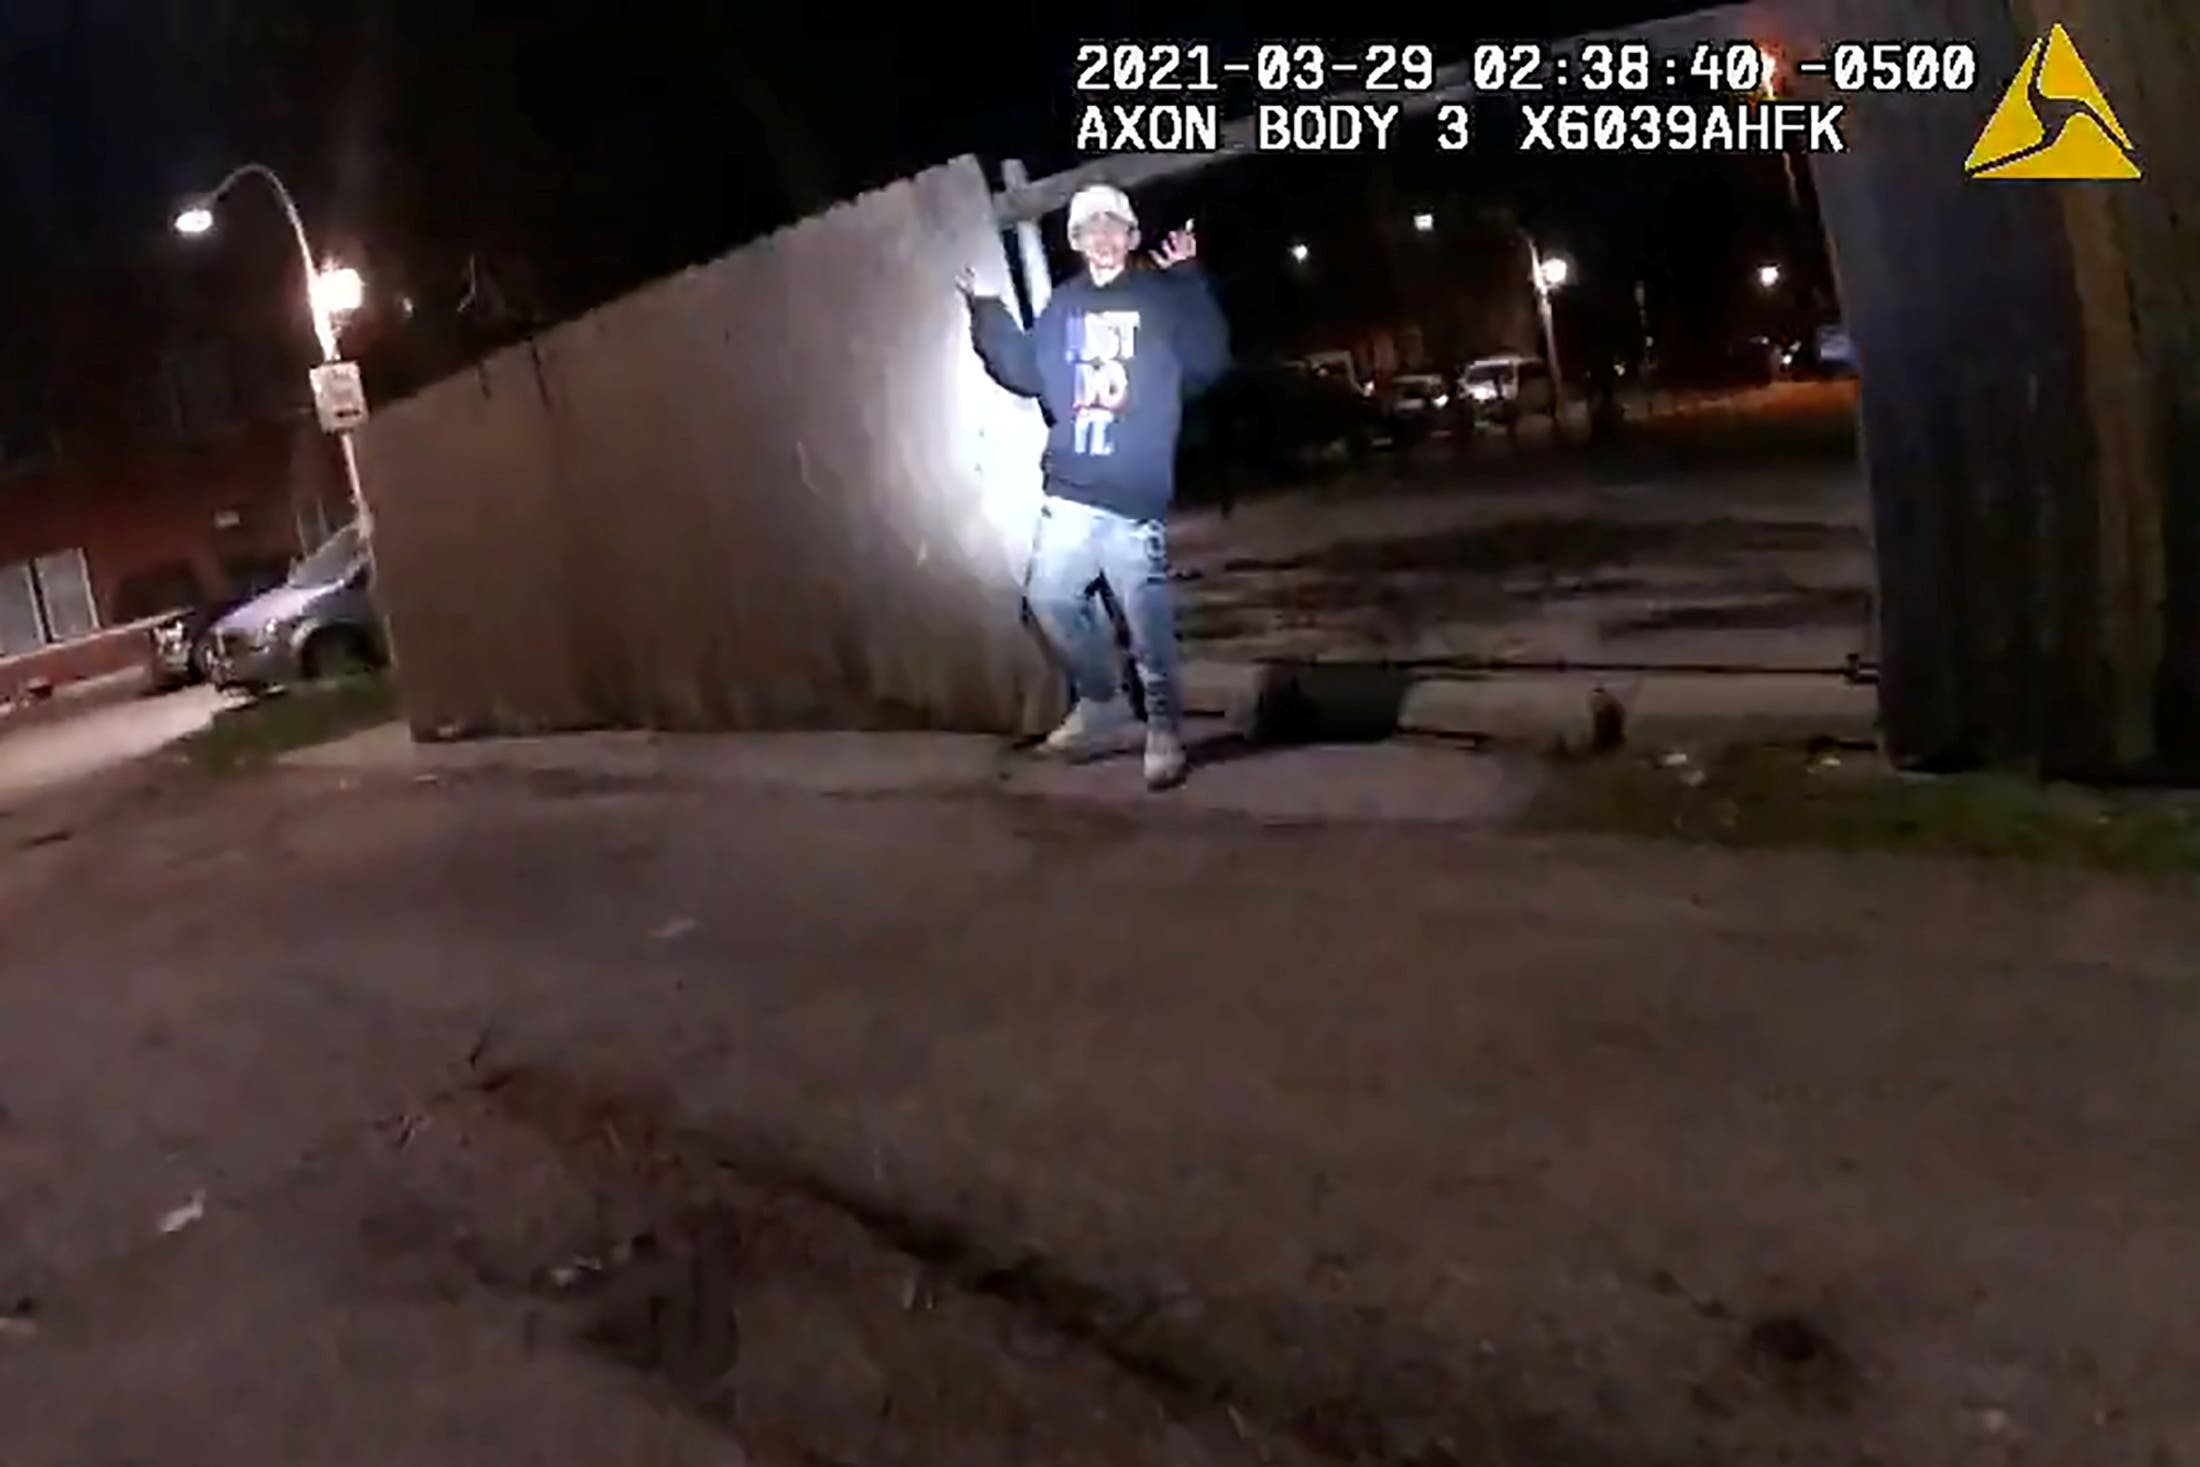 ما أظهرته كاميرا مثبة على ملابس شرطي محلي في شيكاغو خلال عملية اعتقال في مارش الماضي أدت لإطلاق النار على مراهق مشتبه به